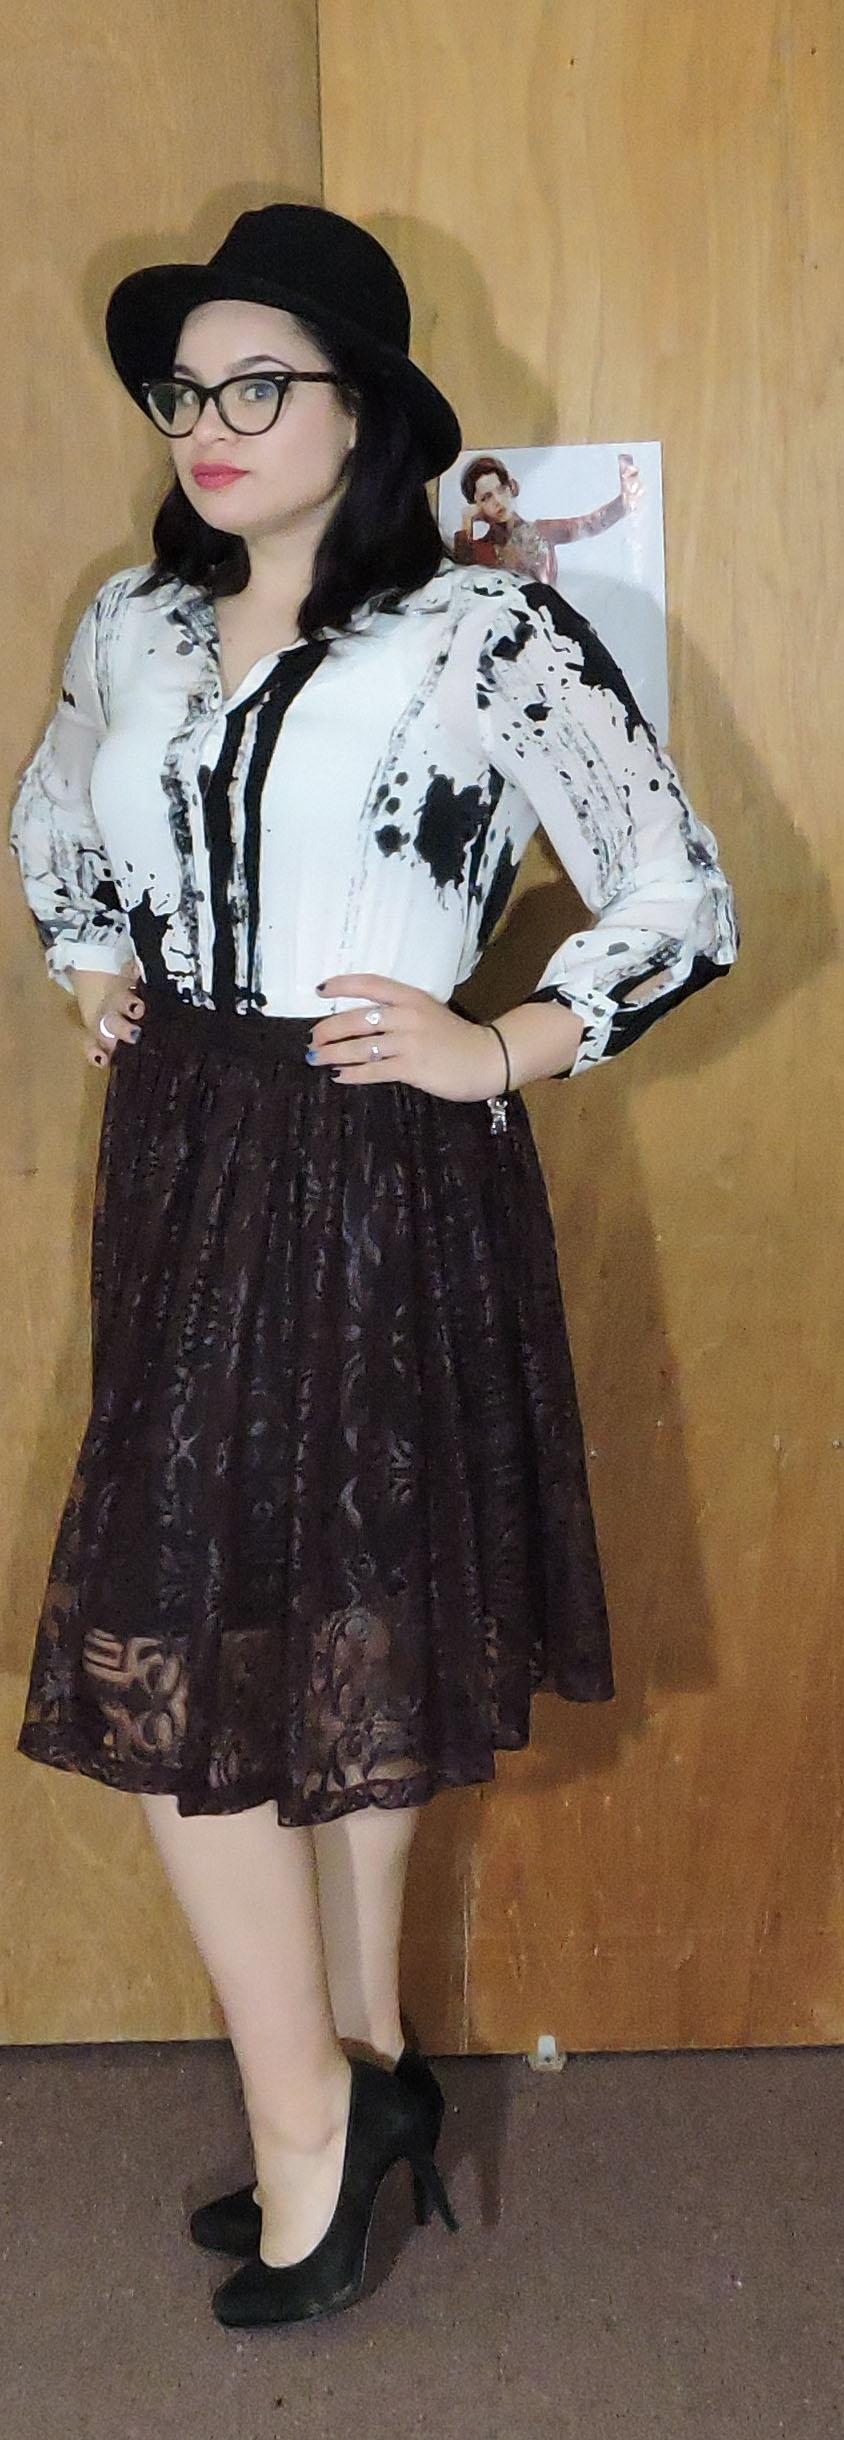 paint shirt with laser cut skirt.jpg